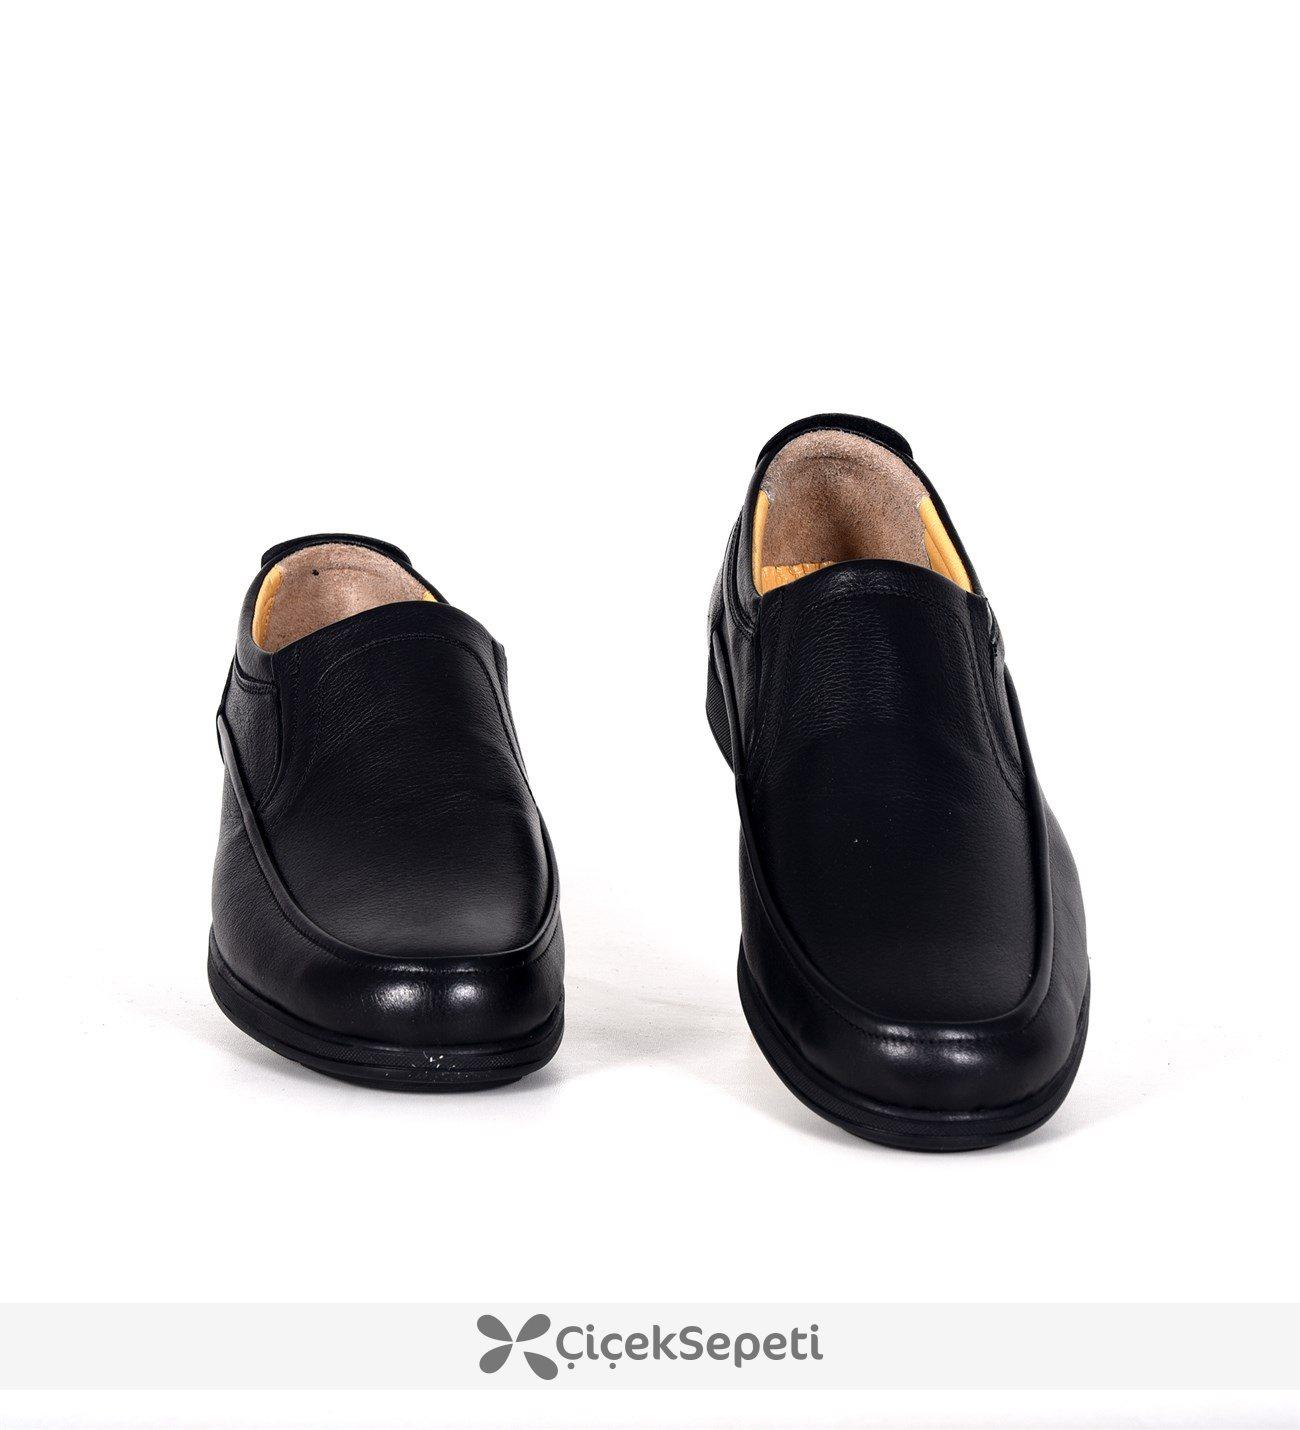 Slope siyah deri su geçirmez kışlık günlük erkek bot ayakkabı